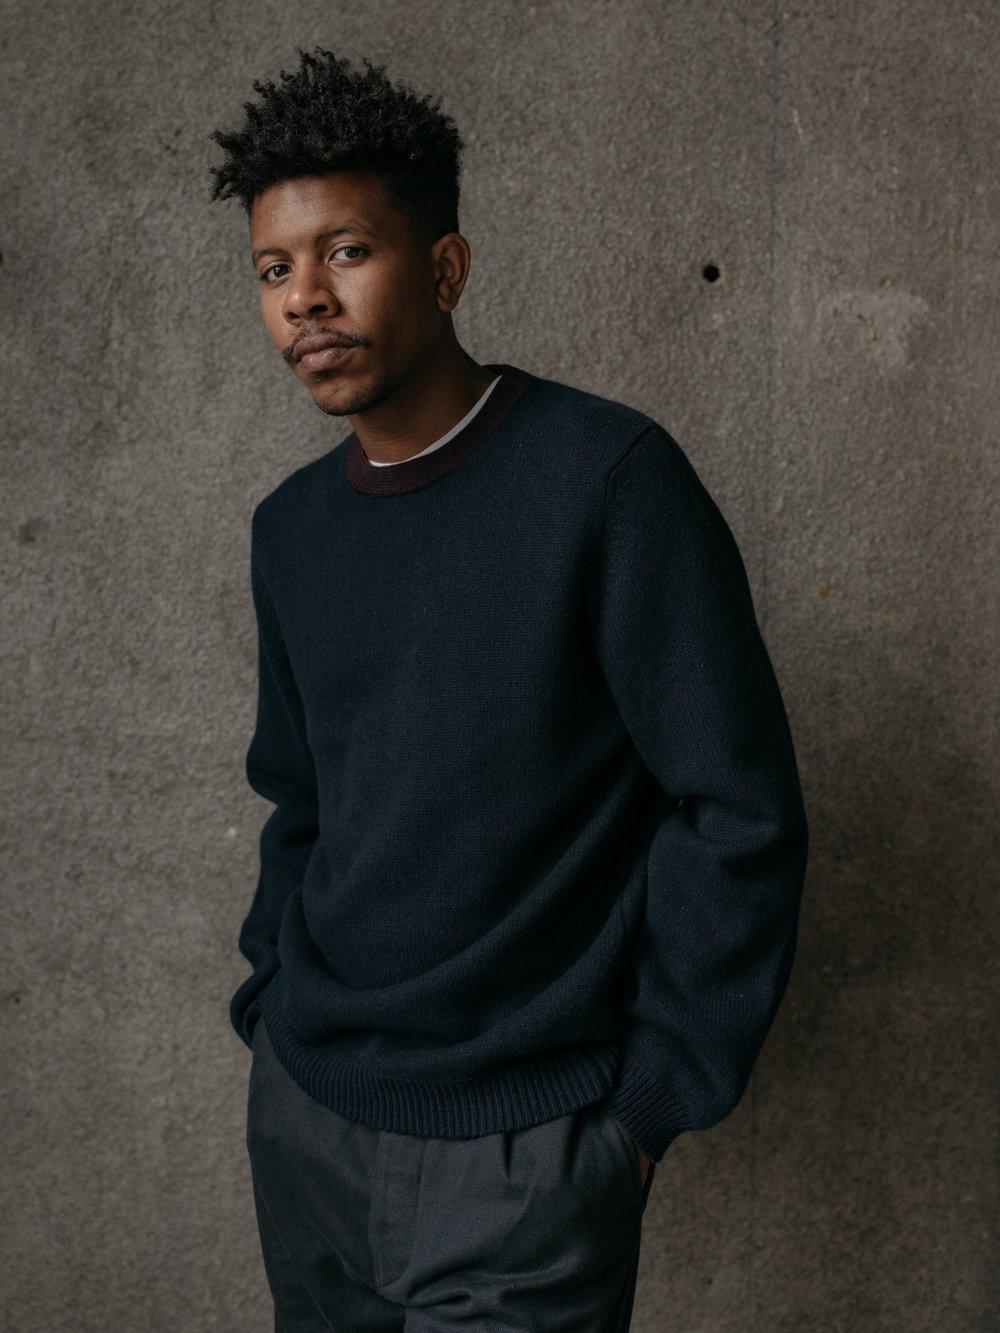 evan-kinori-stripe-collar-sweater-cashmere-wool-fall-2017